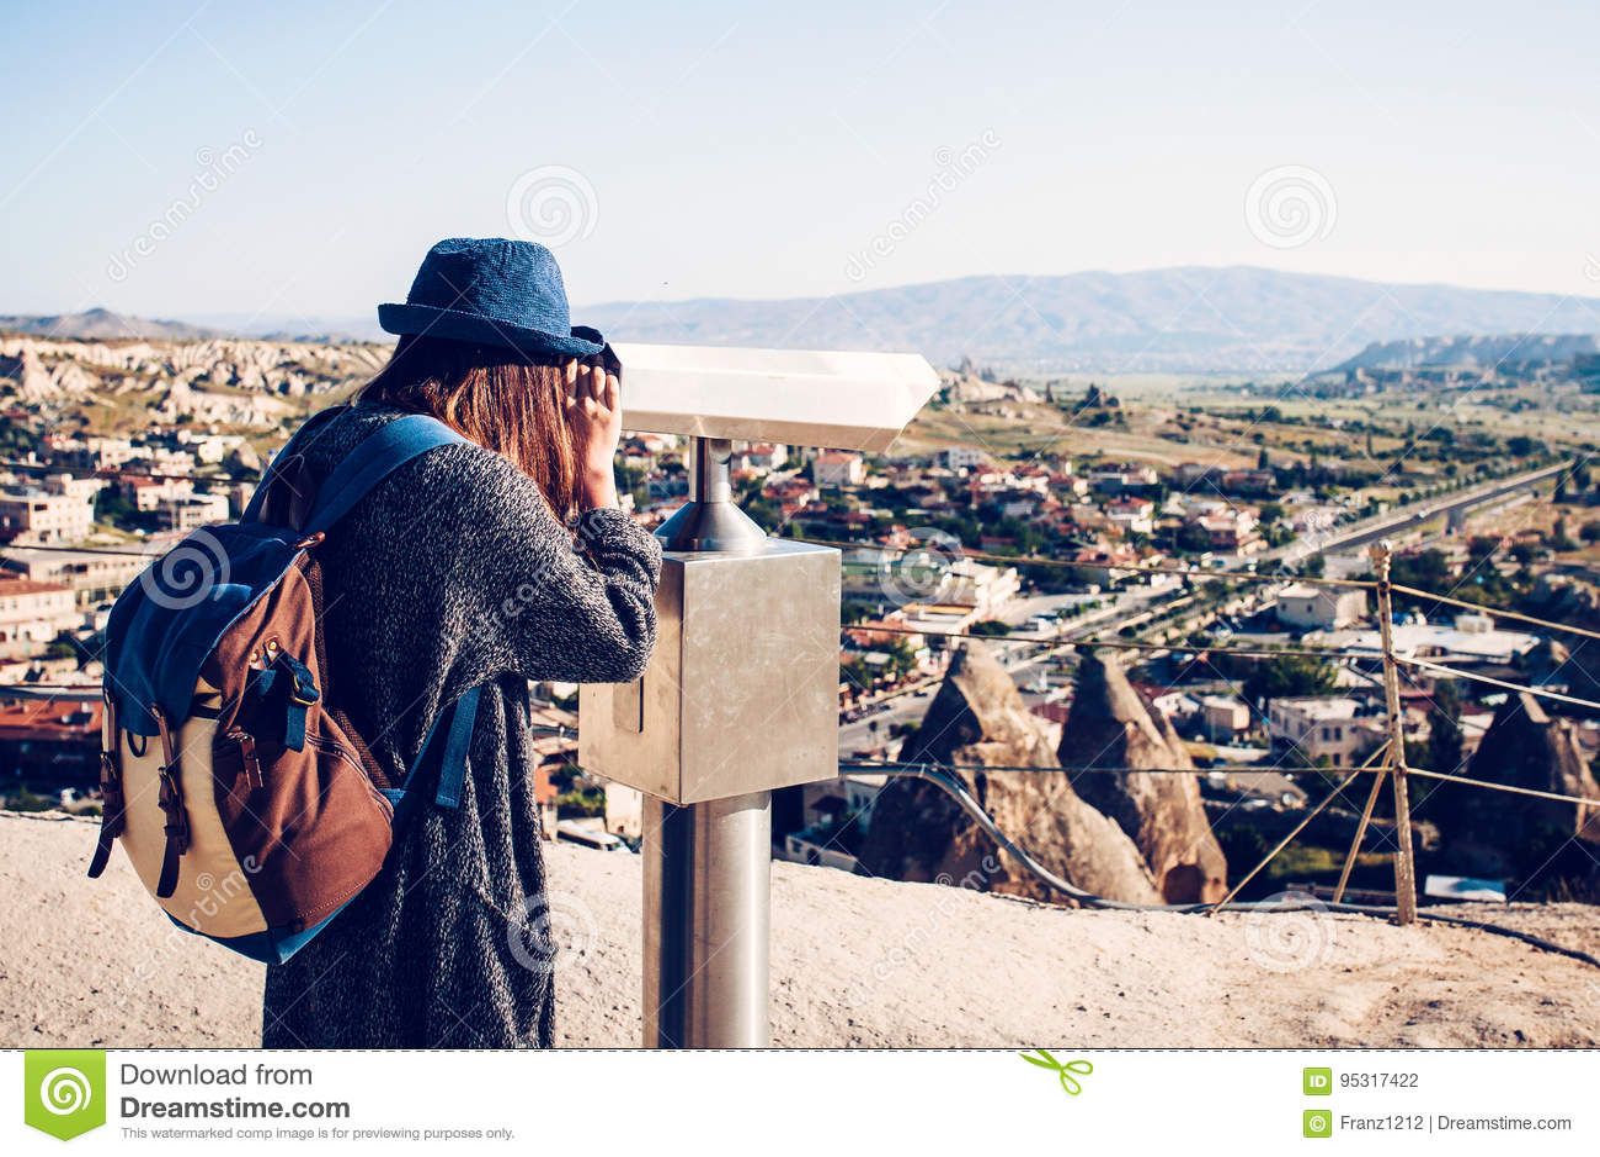 Een reiziger met een rugzak bij gezichtspunt bekijkt binnen door verrekijkers een mooie mening van de stad van Goreme